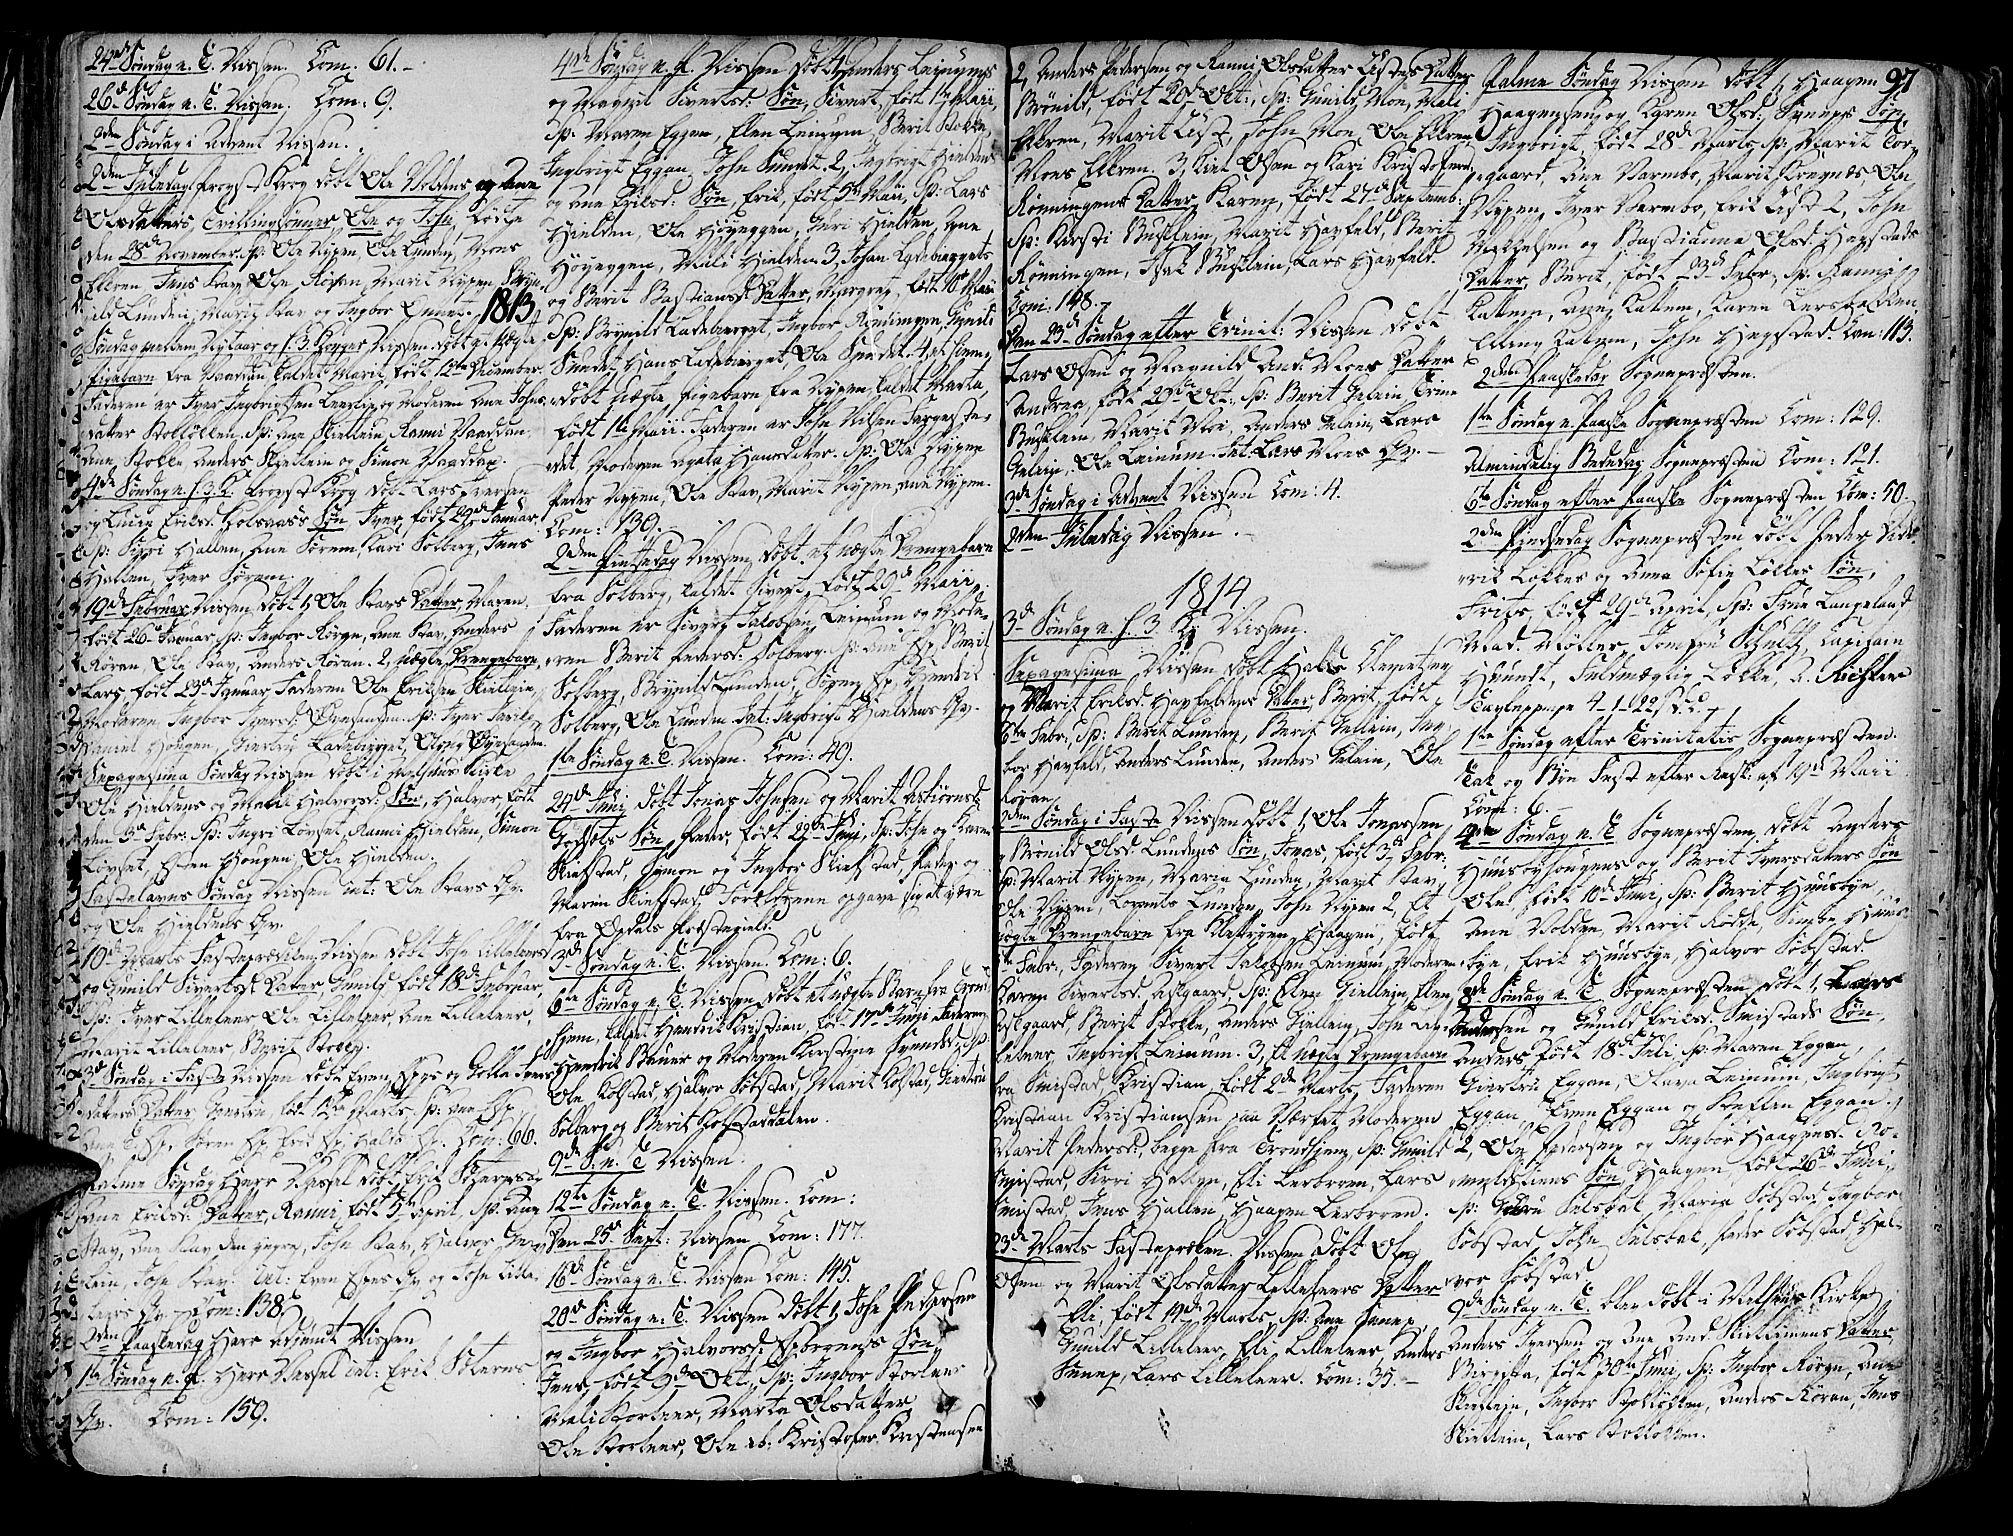 SAT, Ministerialprotokoller, klokkerbøker og fødselsregistre - Sør-Trøndelag, 691/L1063: Ministerialbok nr. 691A02 /3, 1768-1815, s. 97